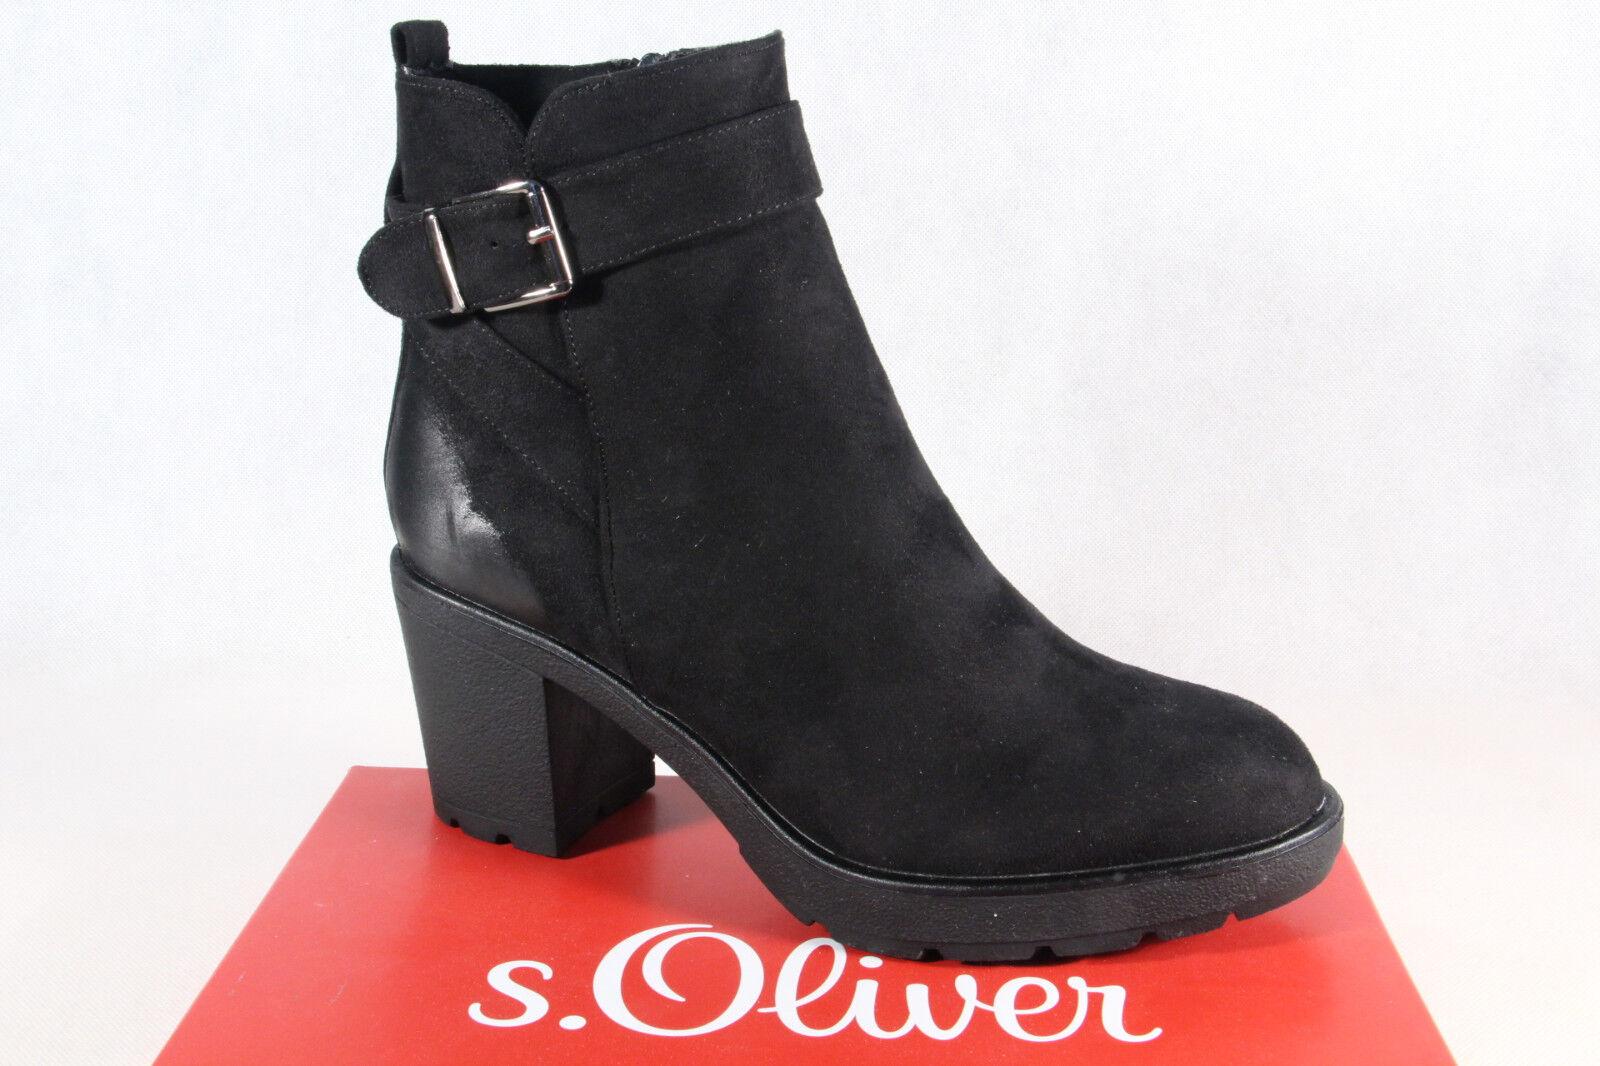 S.Oliver Damen Stiefel, Stiefelette, Stiefel schwarz 25441 NEU